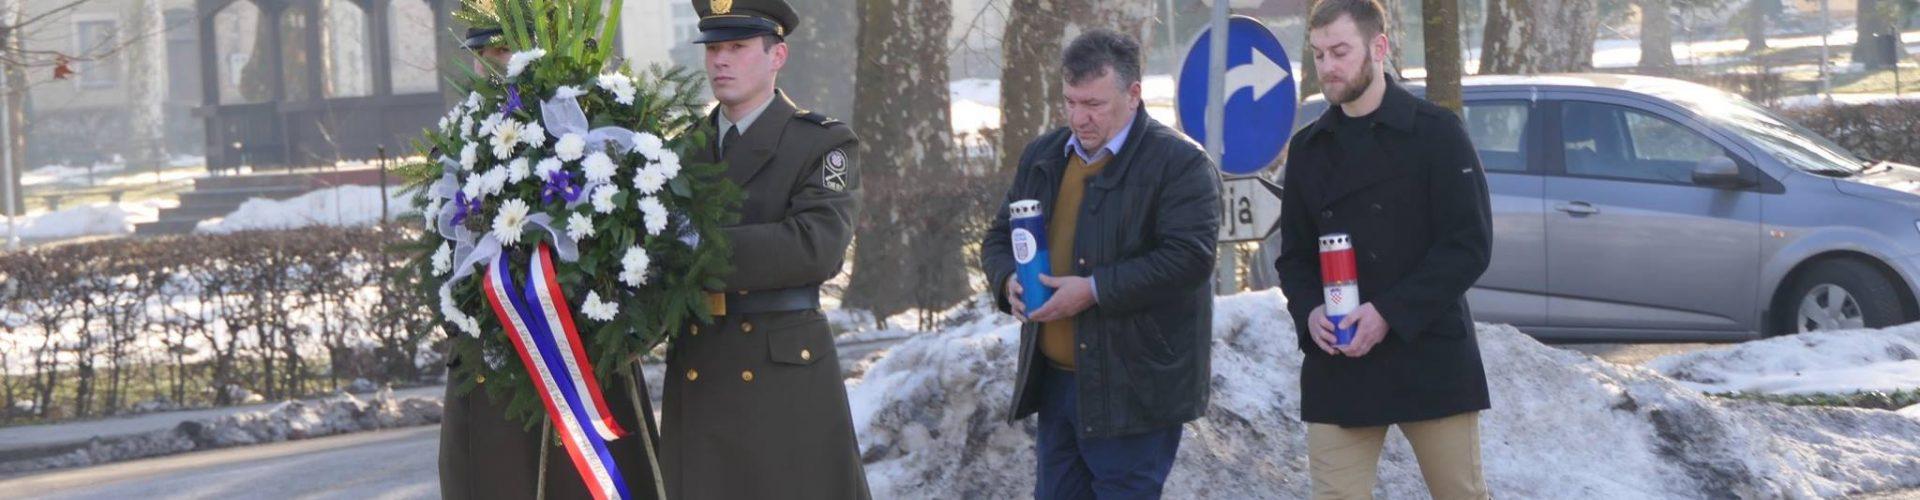 Ultramaraton u spomen na stradanja i žrtve u Domovinskom ratu